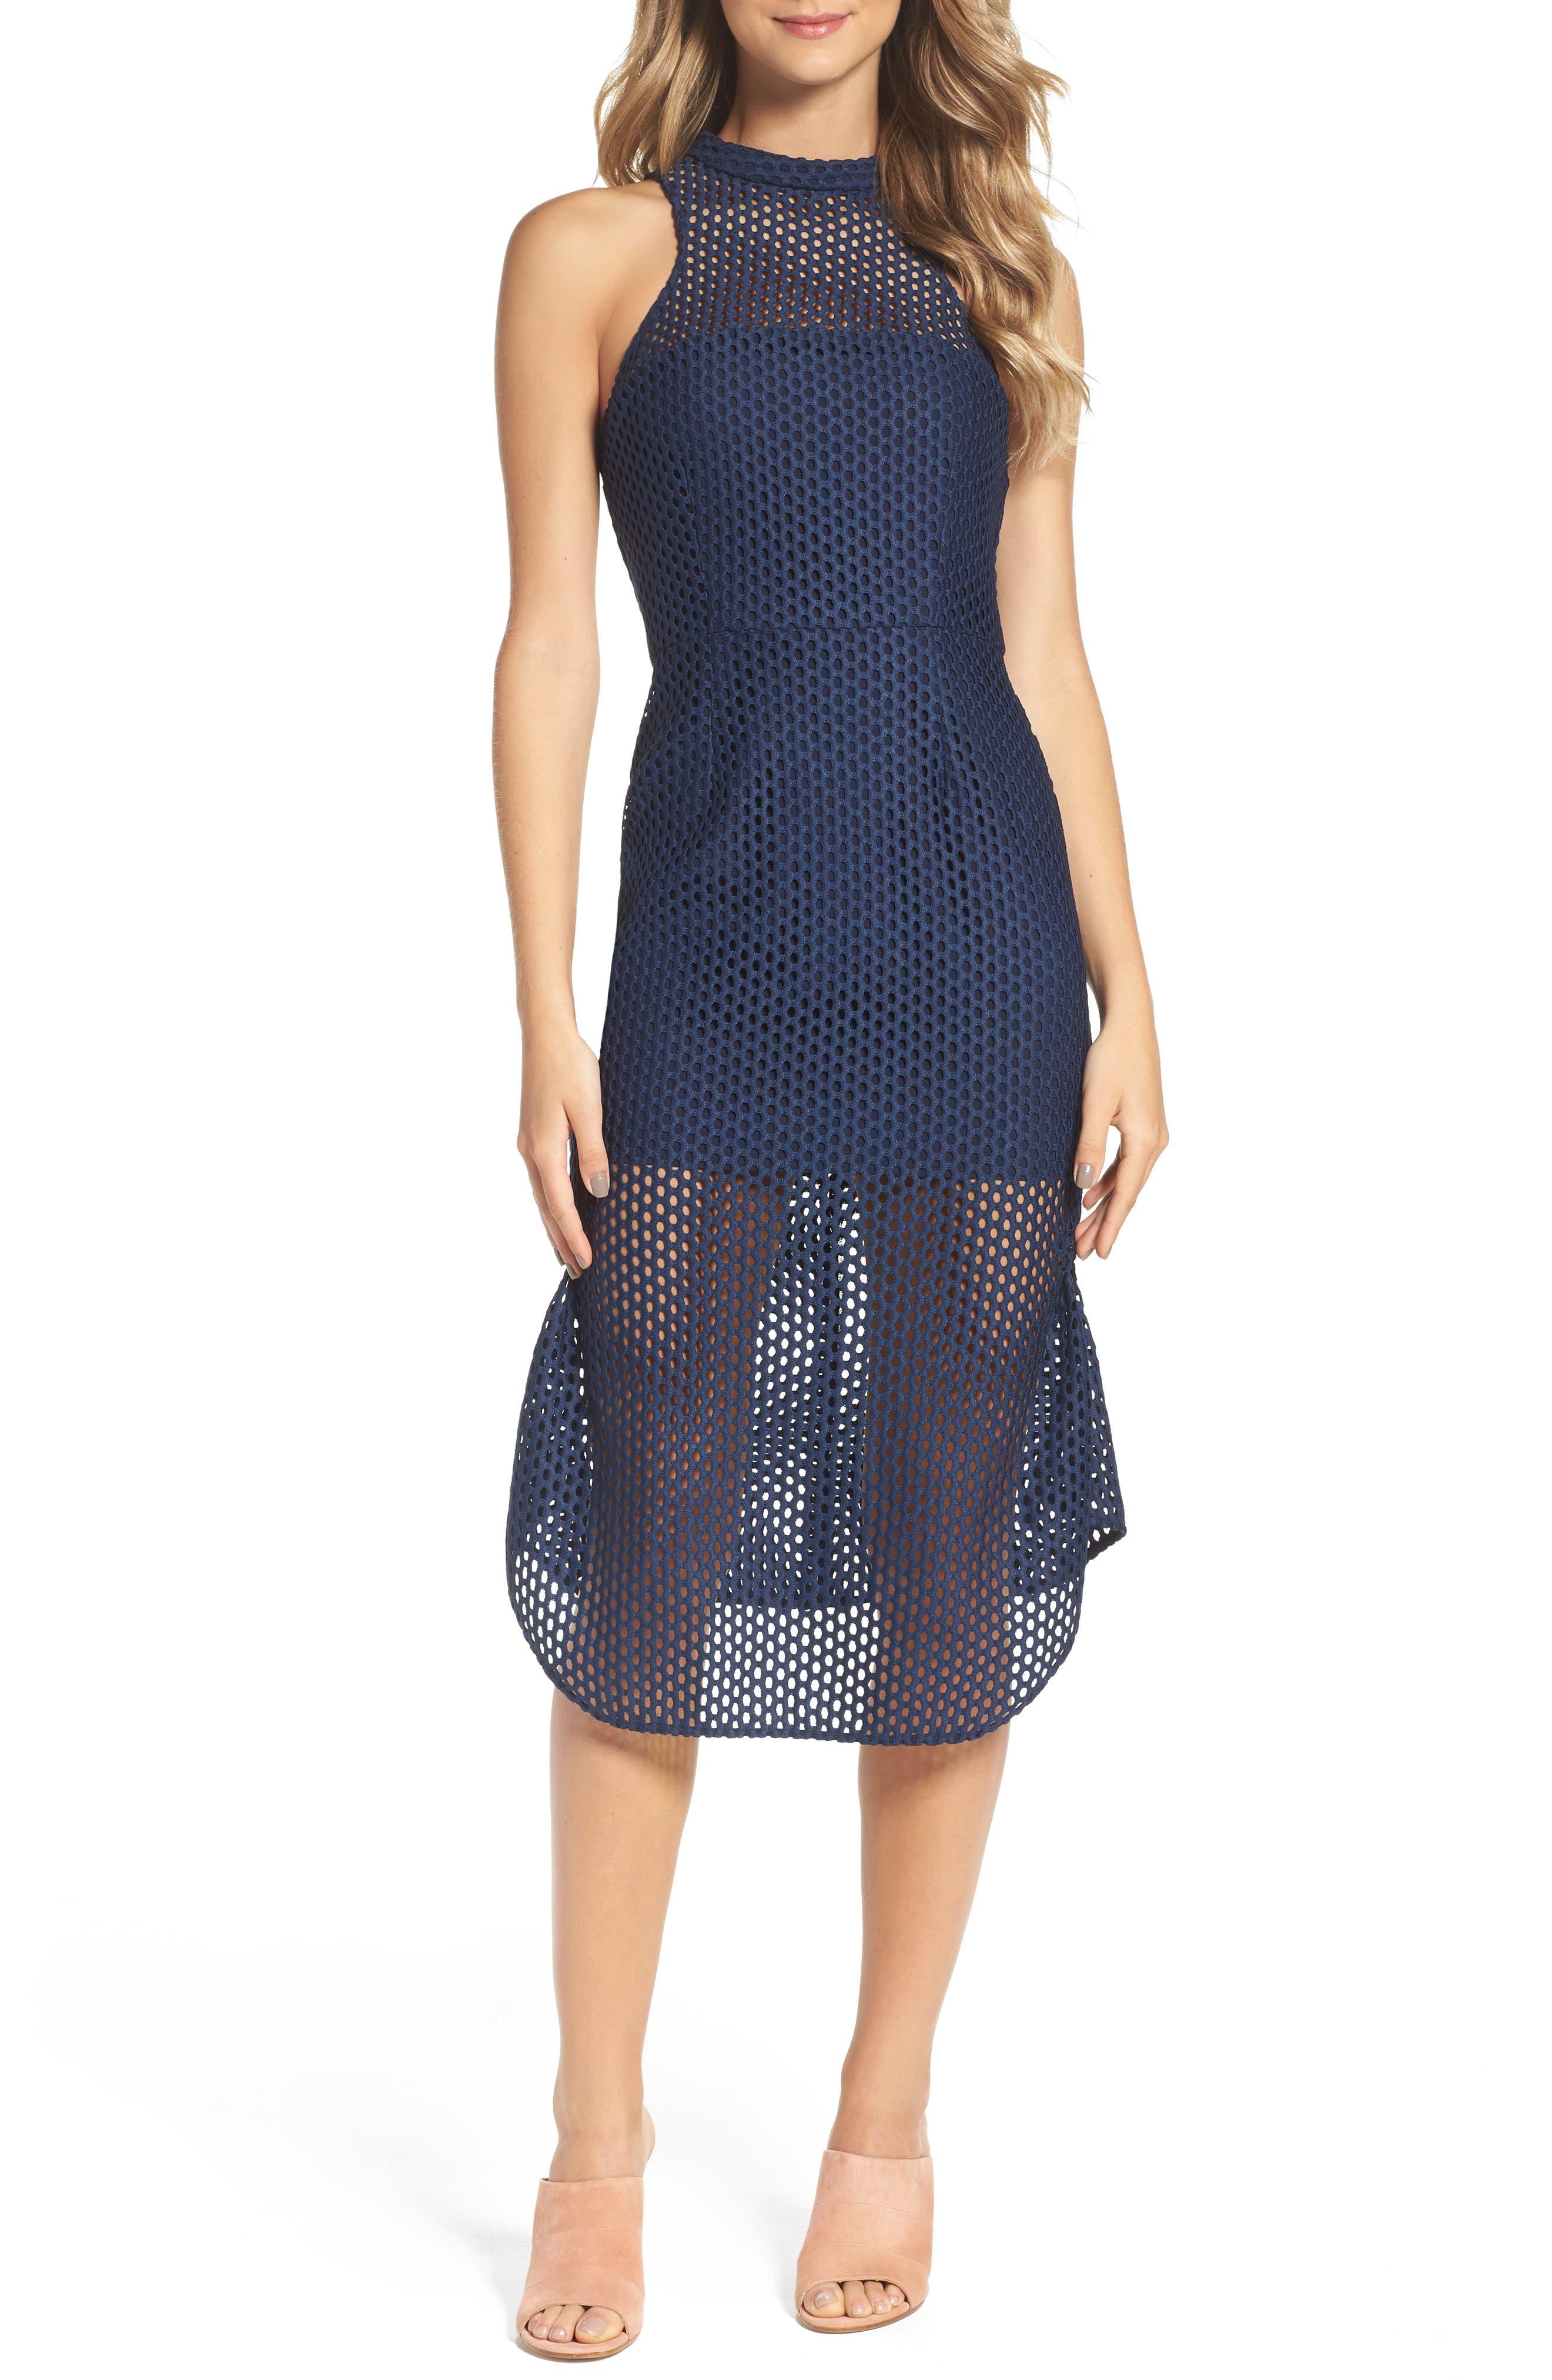 Cooper St Azure Midi Dress